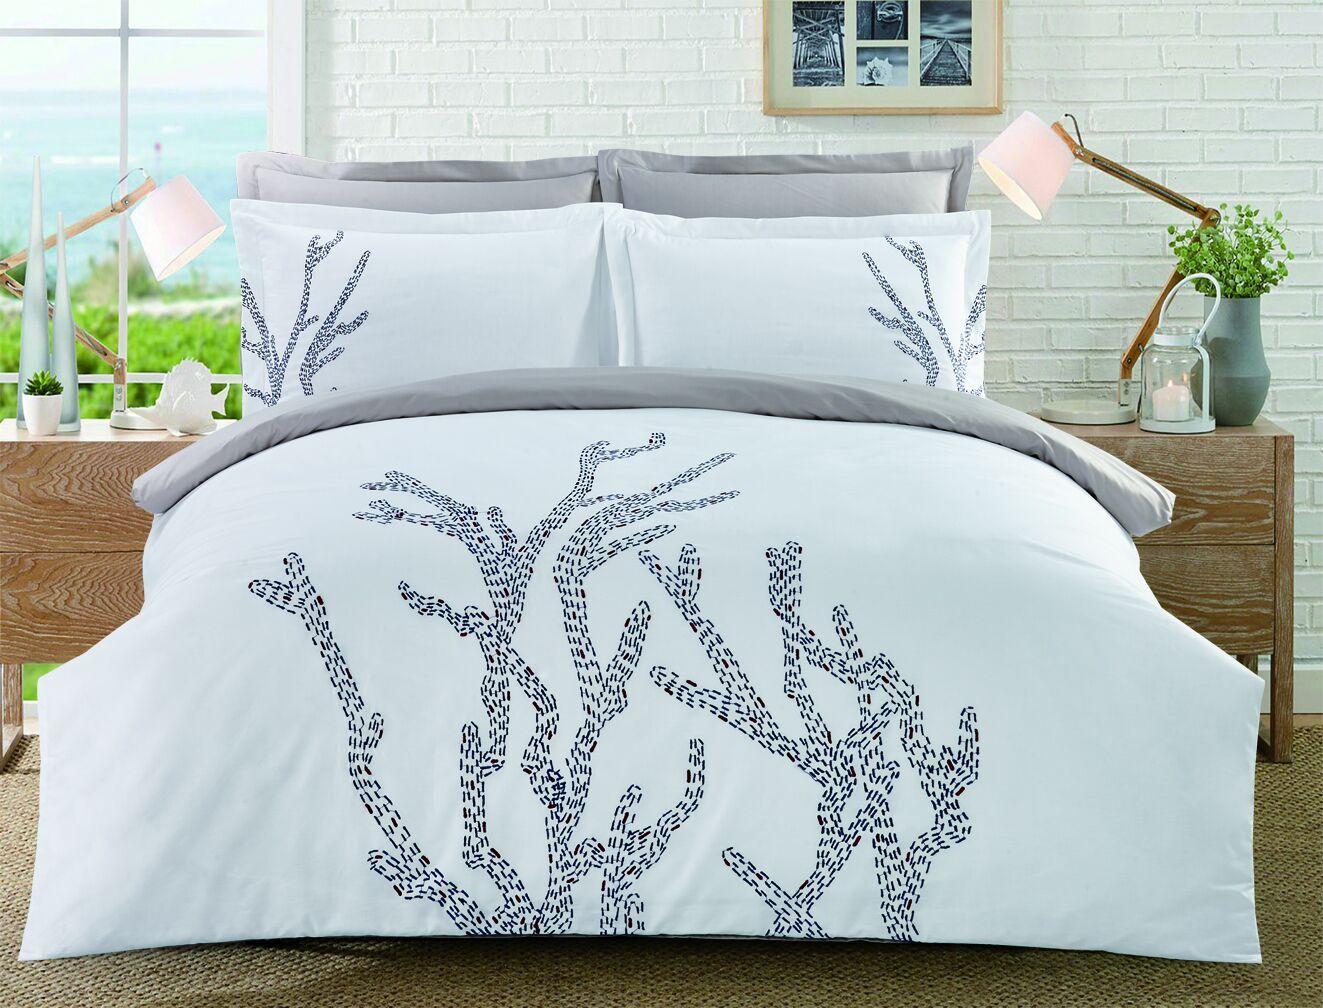 Купить Комплект постельного белья Home line Евро сатин Коралы